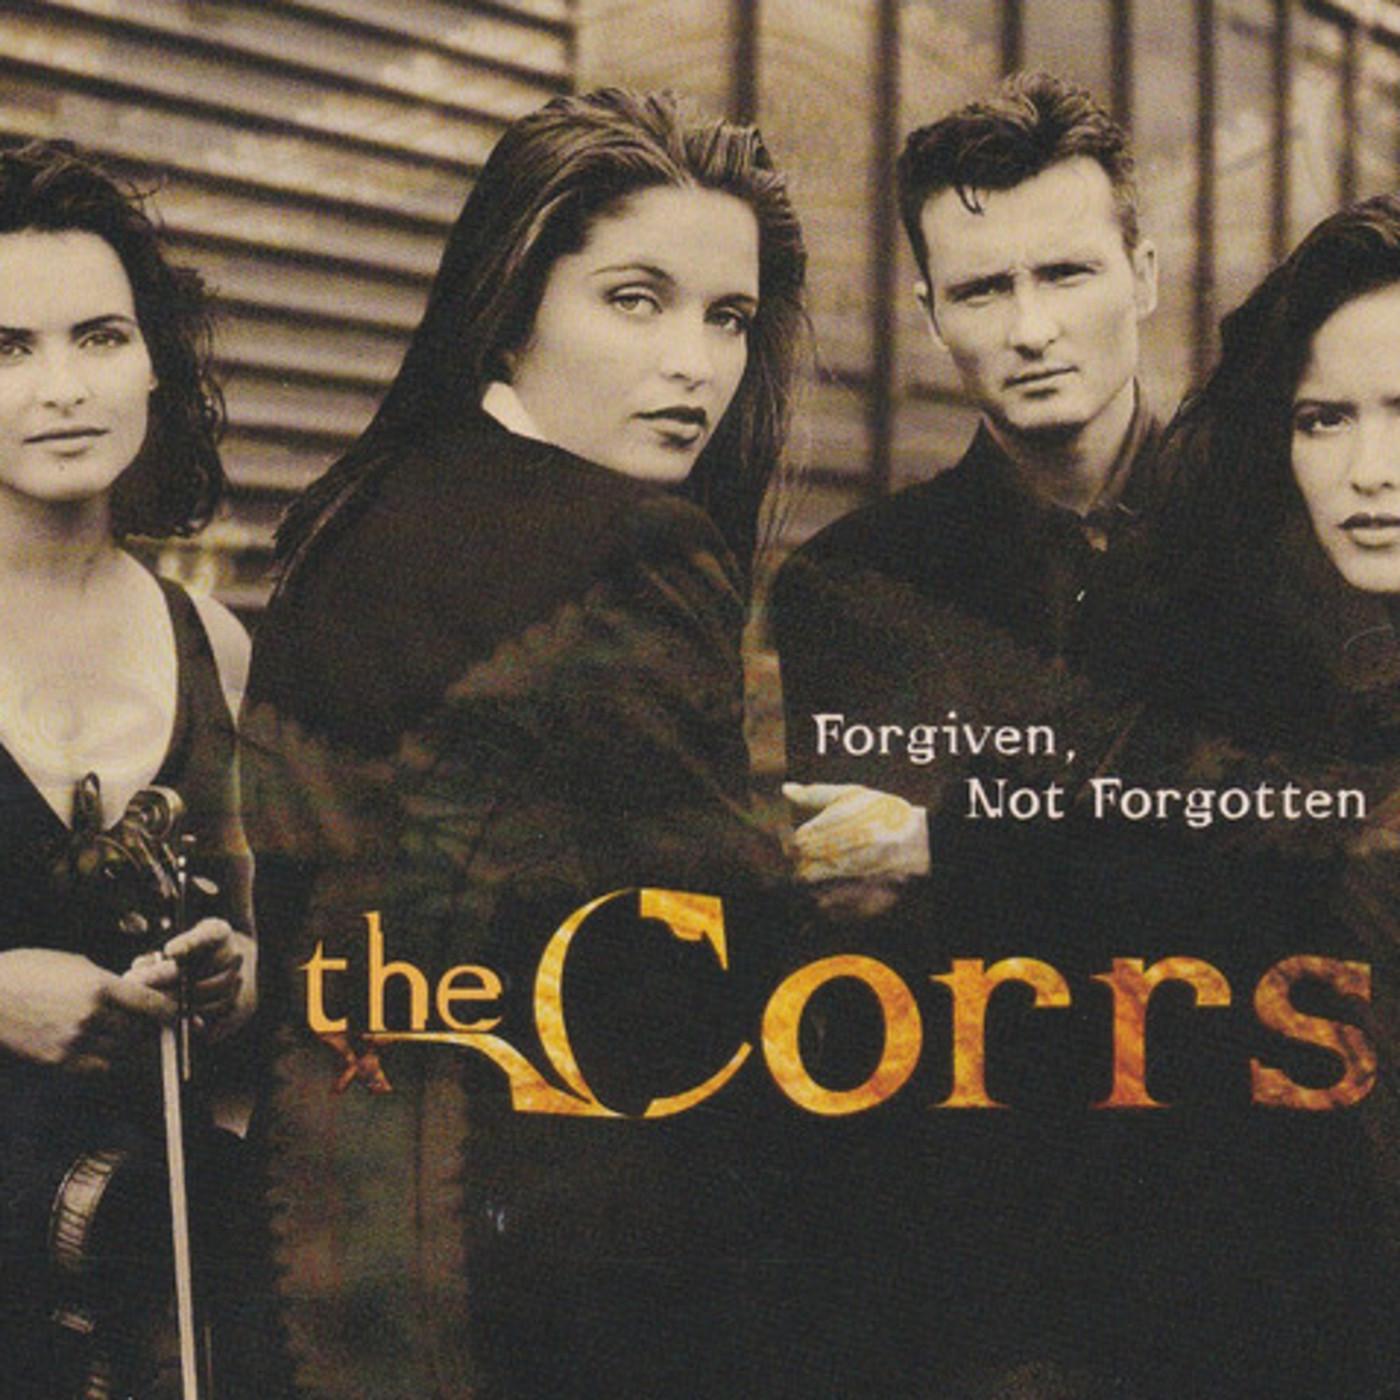 BAIXAR CORRS FORGOTTEN THE CD NOT FORGIVEN